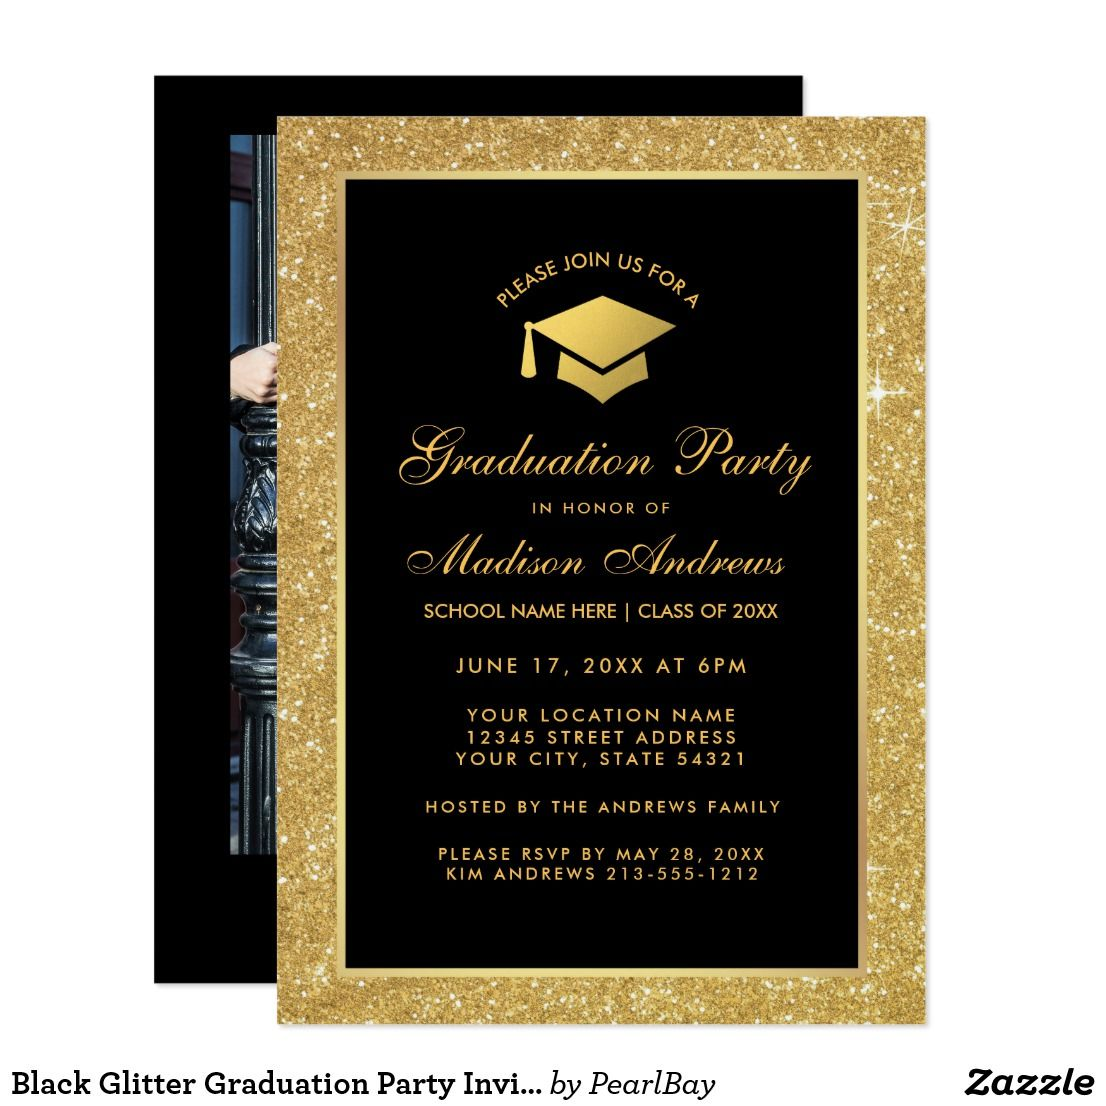 Black Glitter Graduation Party Invite - Photo Back   Zazzle.com   Graduation  party invitations, Graduation party, Gold glitter party